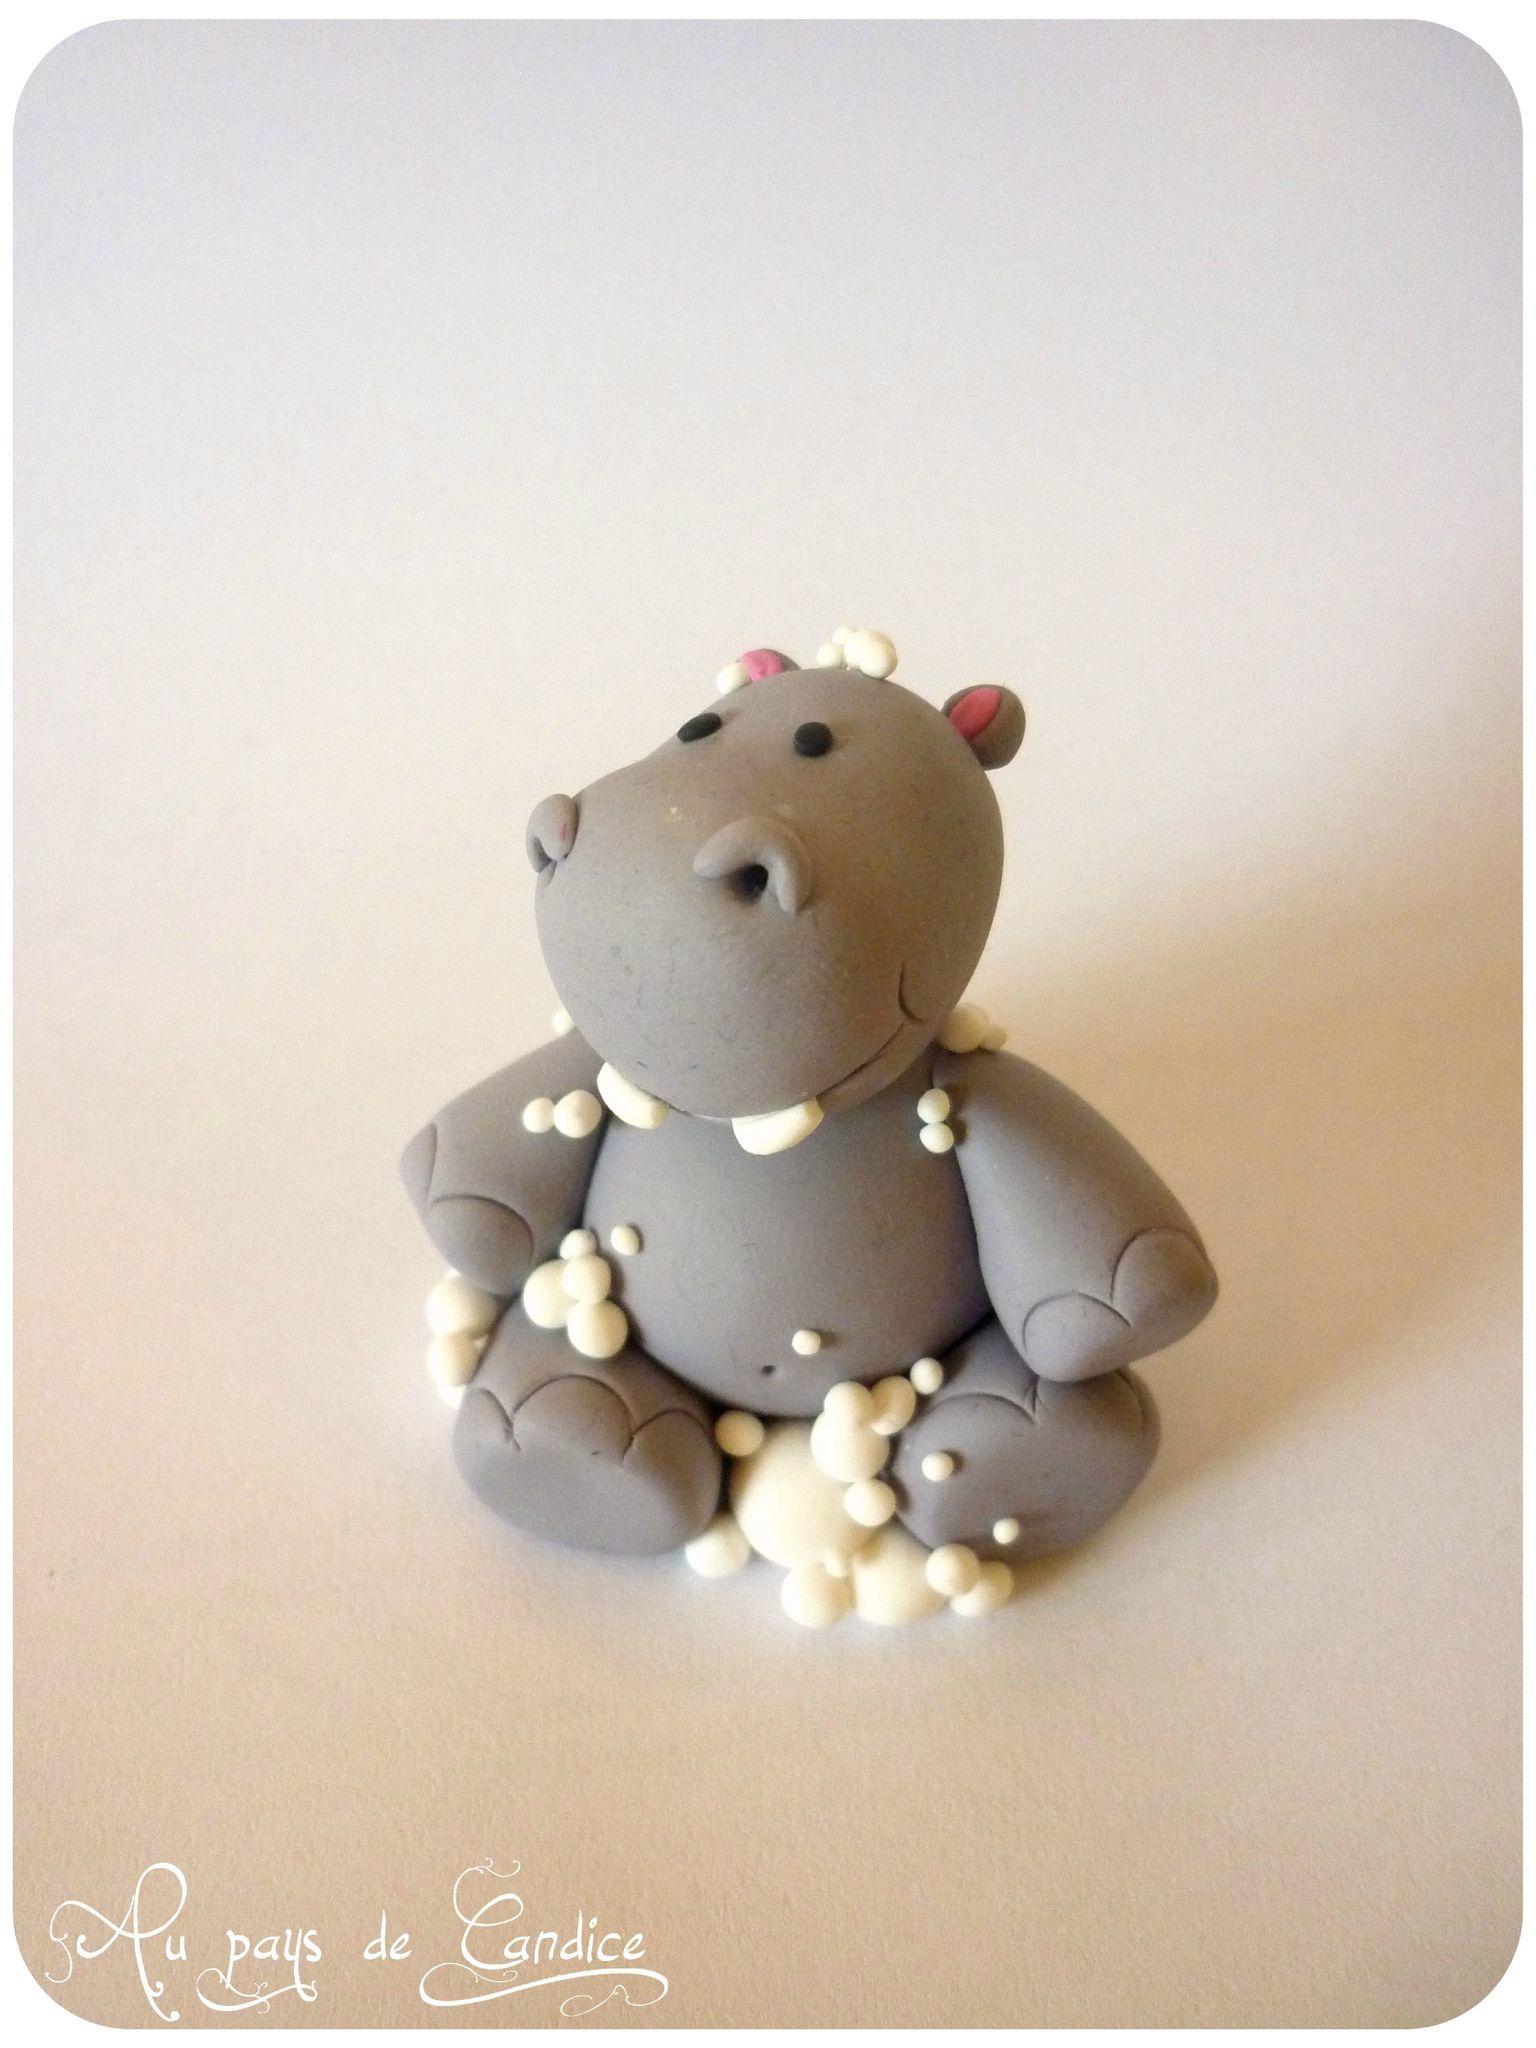 paname le petit hippopotame au pays de candice hippopotame fimo et p tes. Black Bedroom Furniture Sets. Home Design Ideas